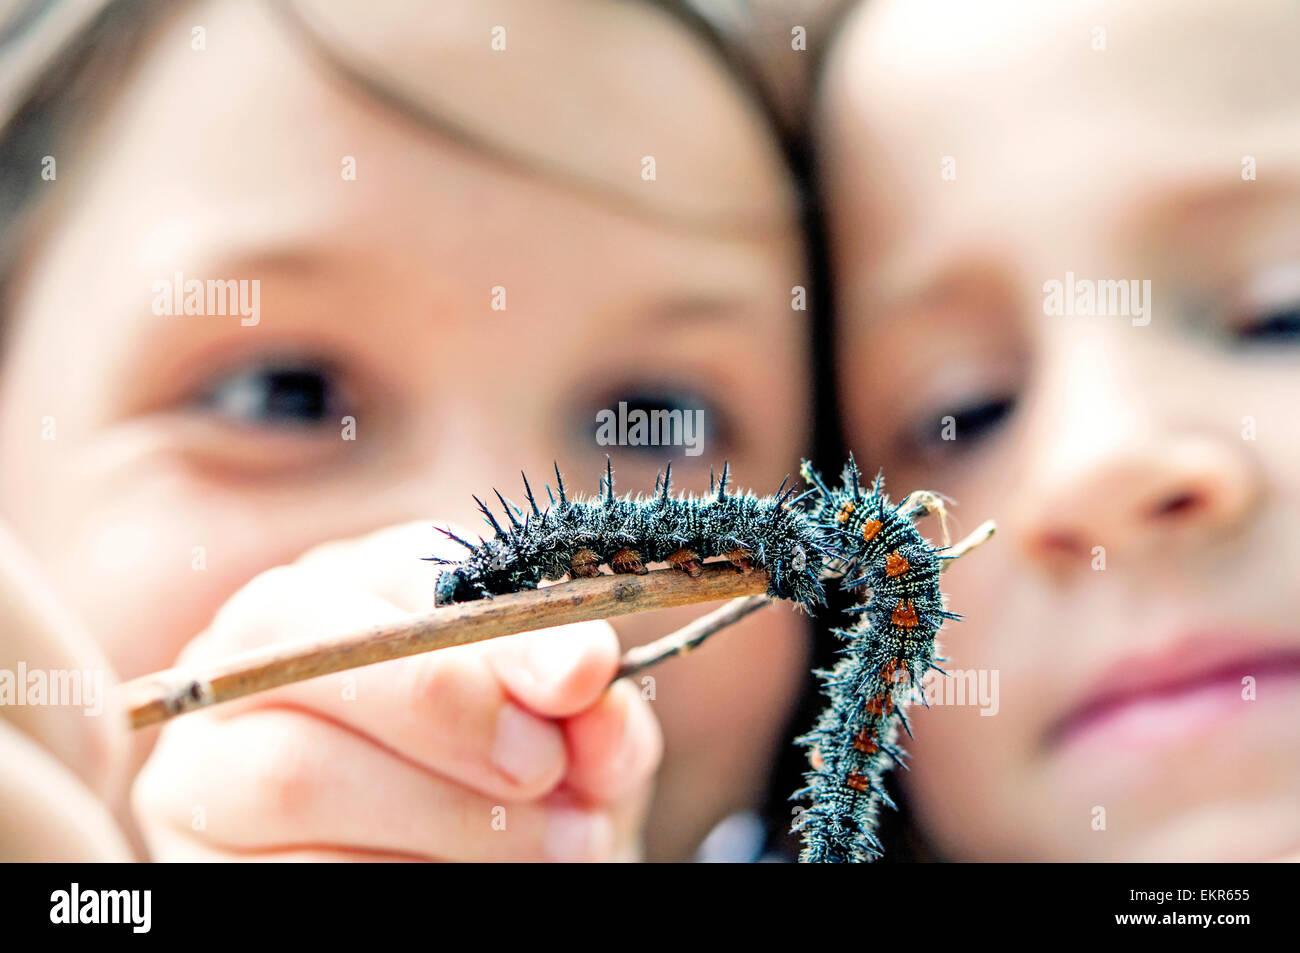 Los niños examinar gusanos en una sucursal Imagen De Stock